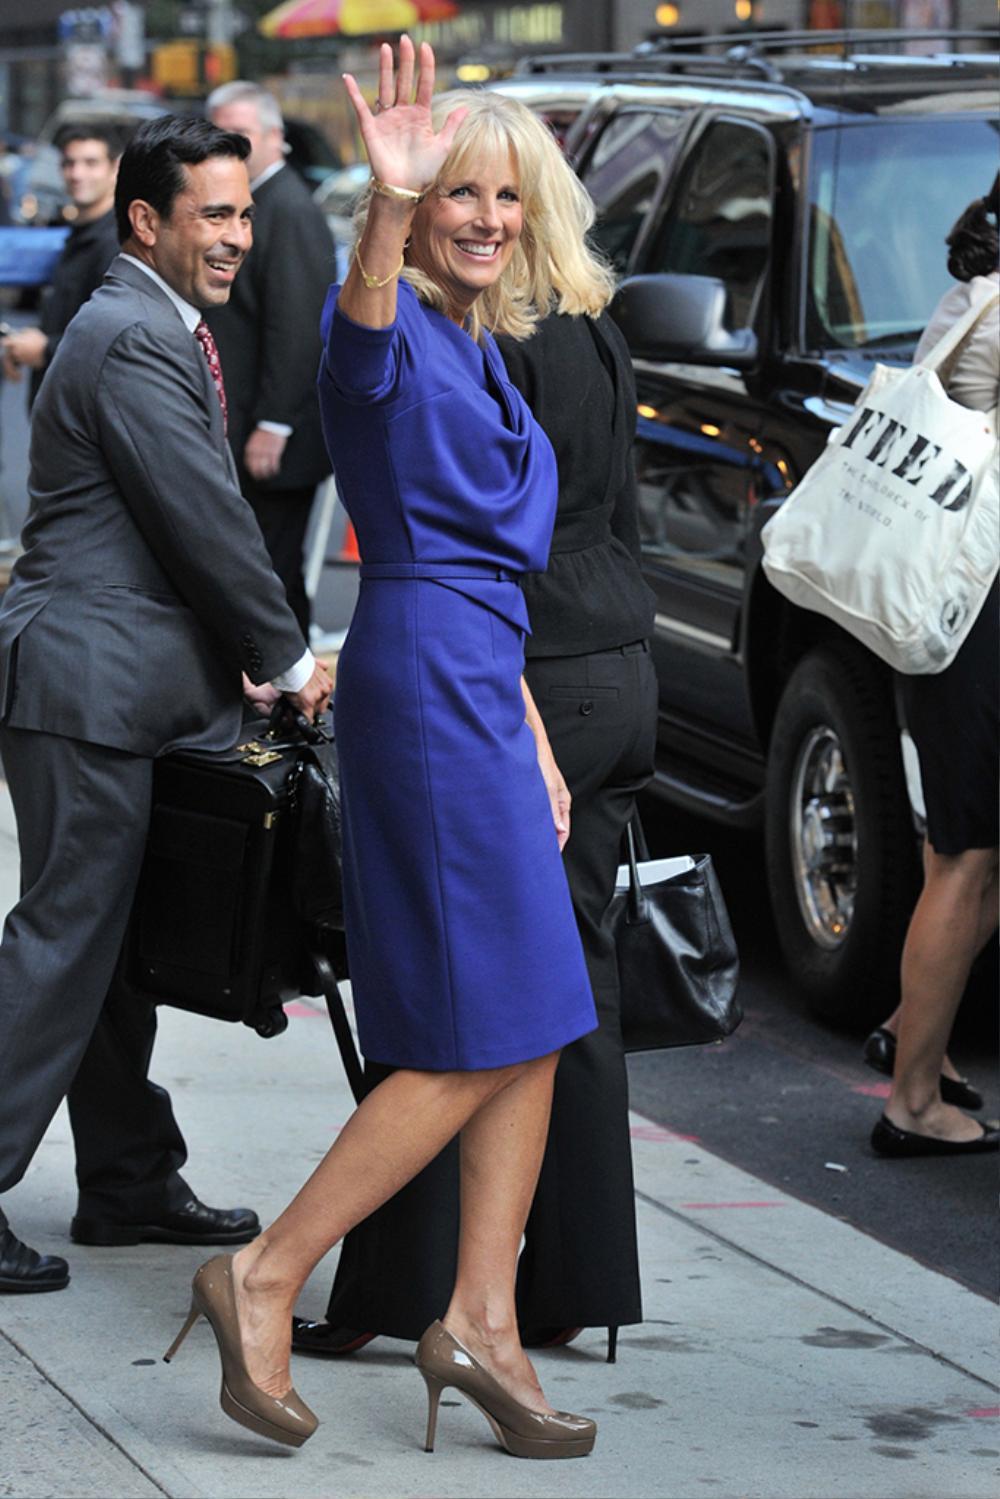 Phong cách thời trang thanh tao của vợ ứng viên Tổng thống Mỹ Joe Biden Ảnh 6